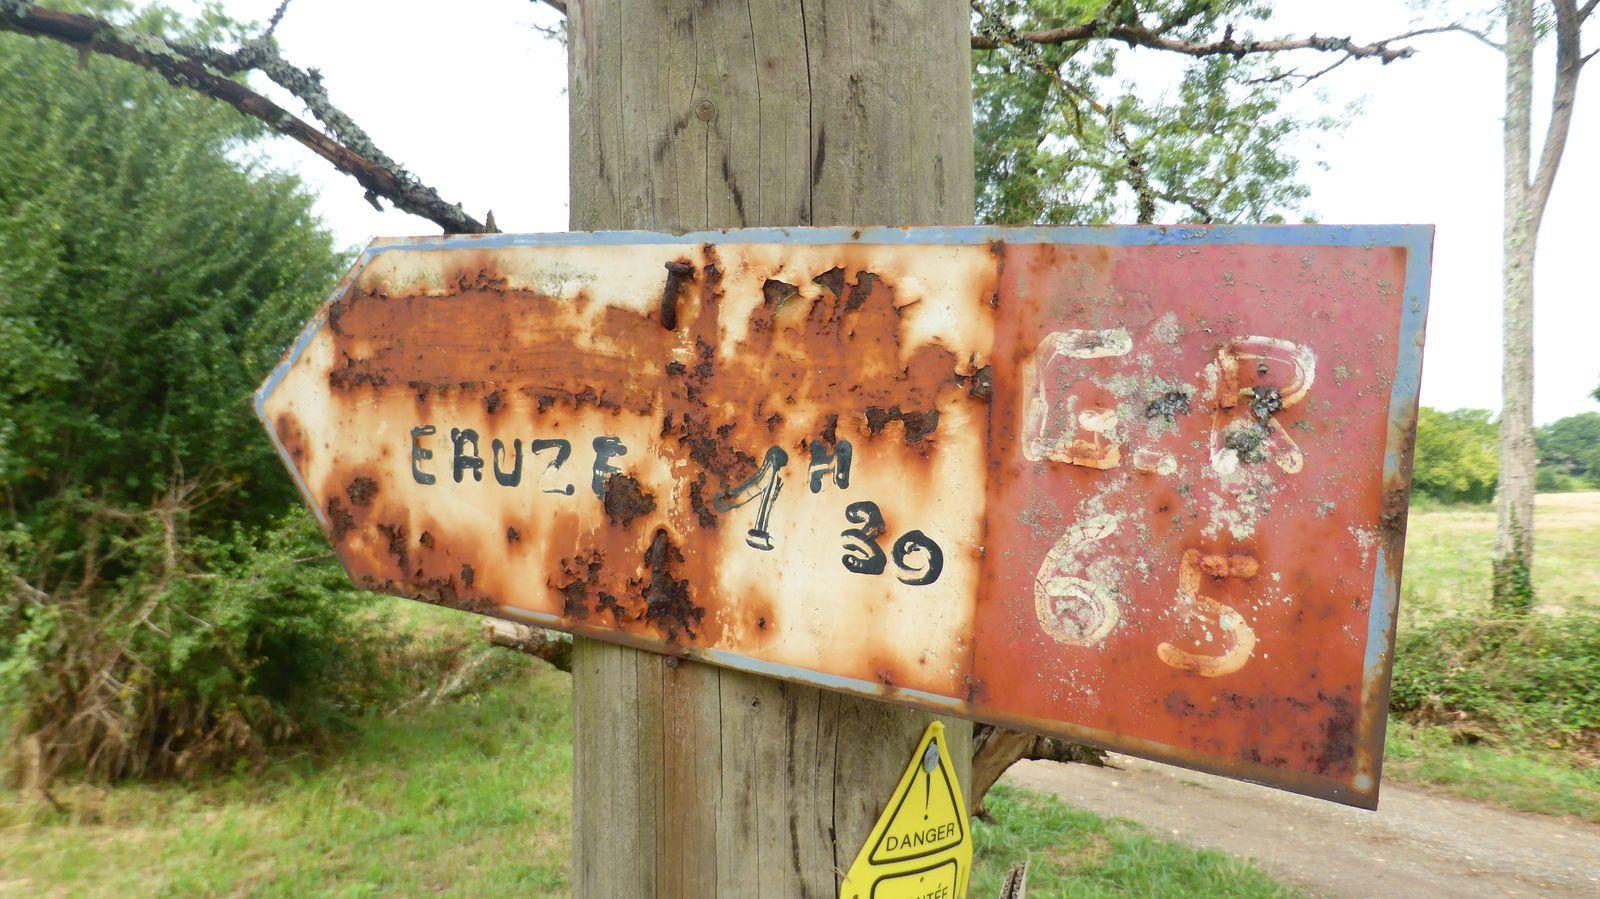 On retrouve encore d'anciens panneaux du GR65.